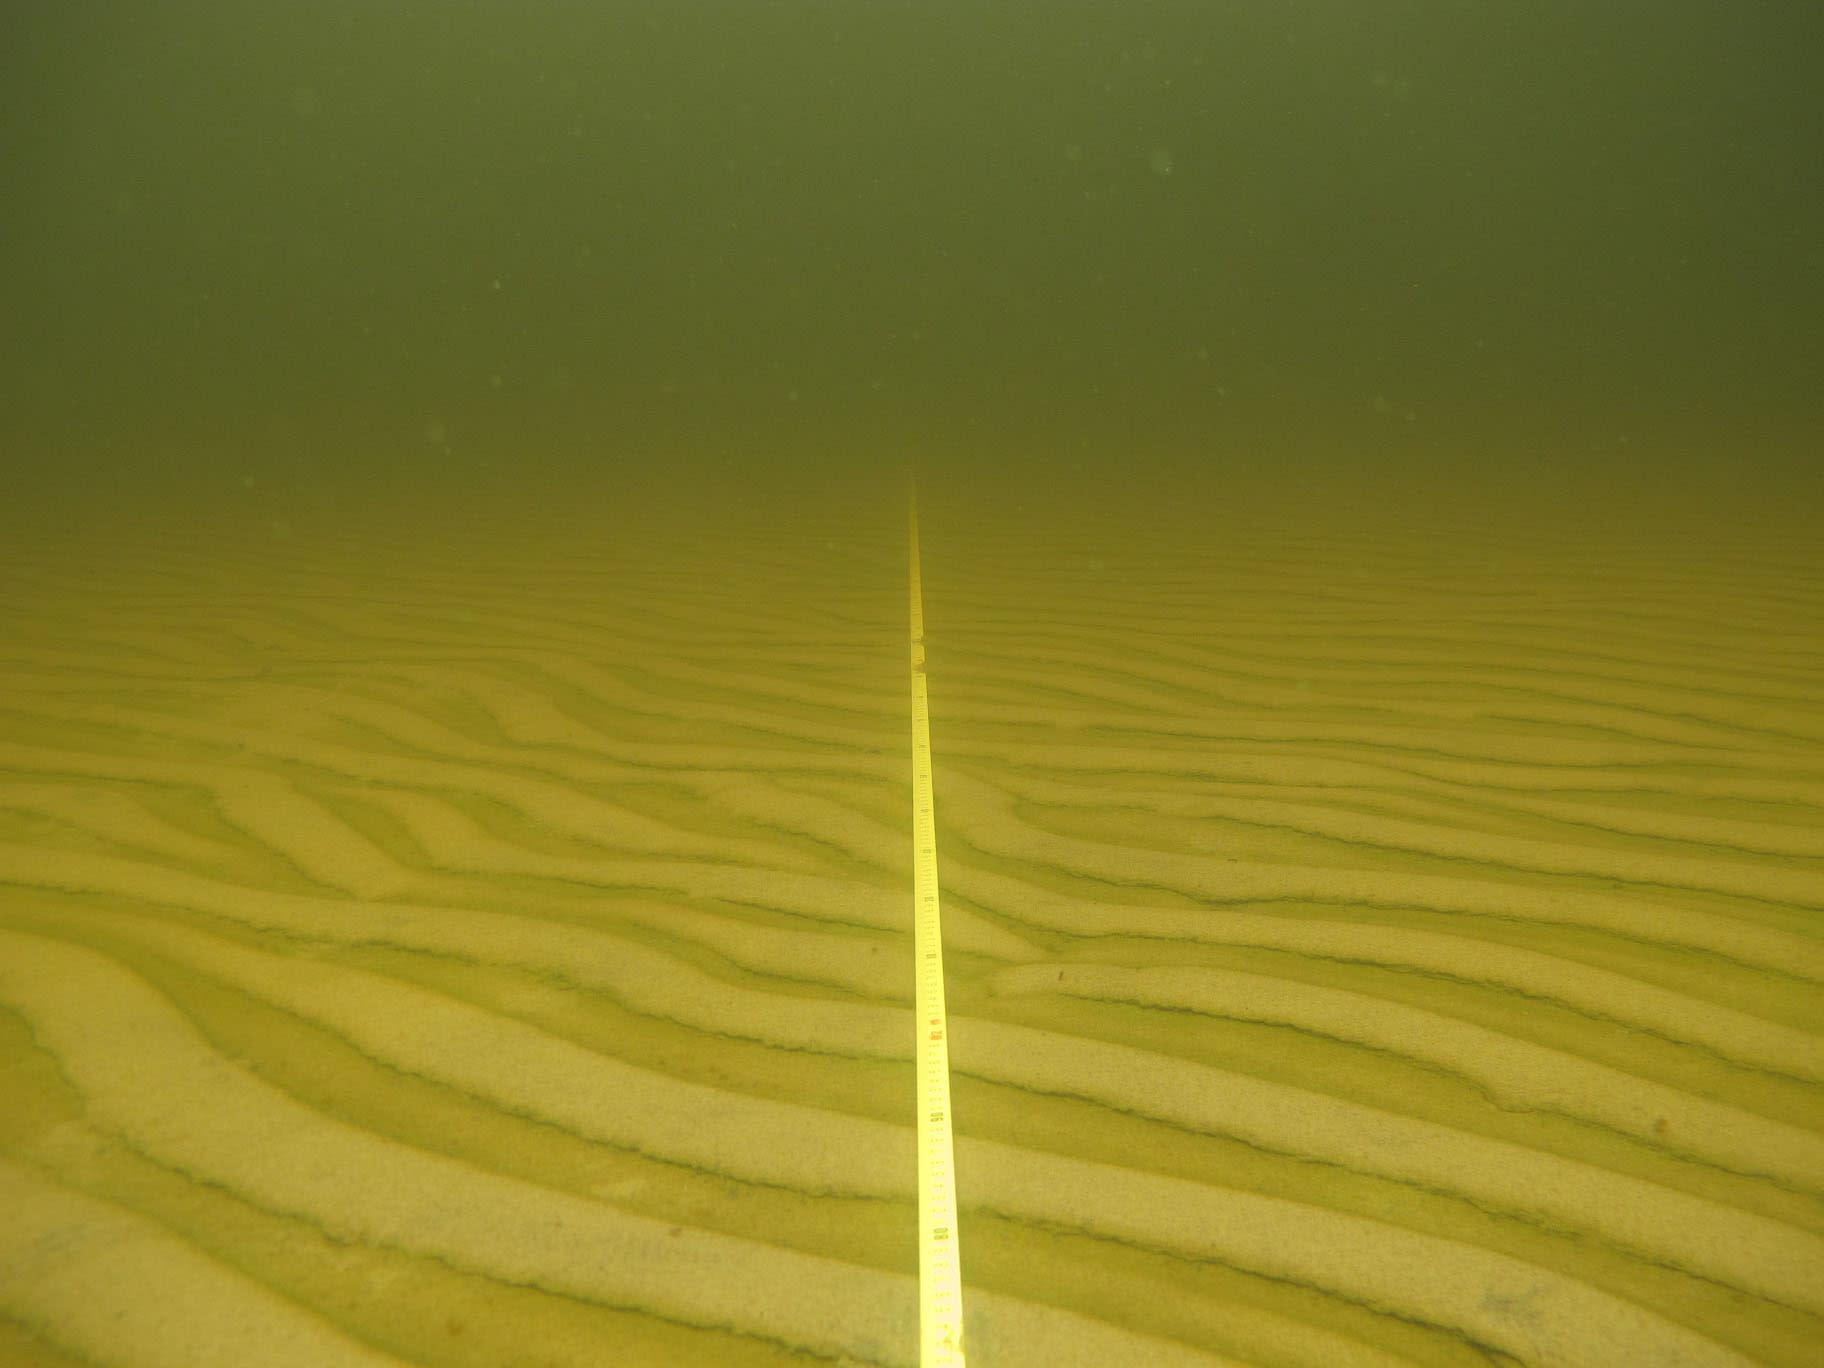 Merenpohjaa ja Metsähallituksen kartoittajien pohjaan laskemaa linjaköyttä